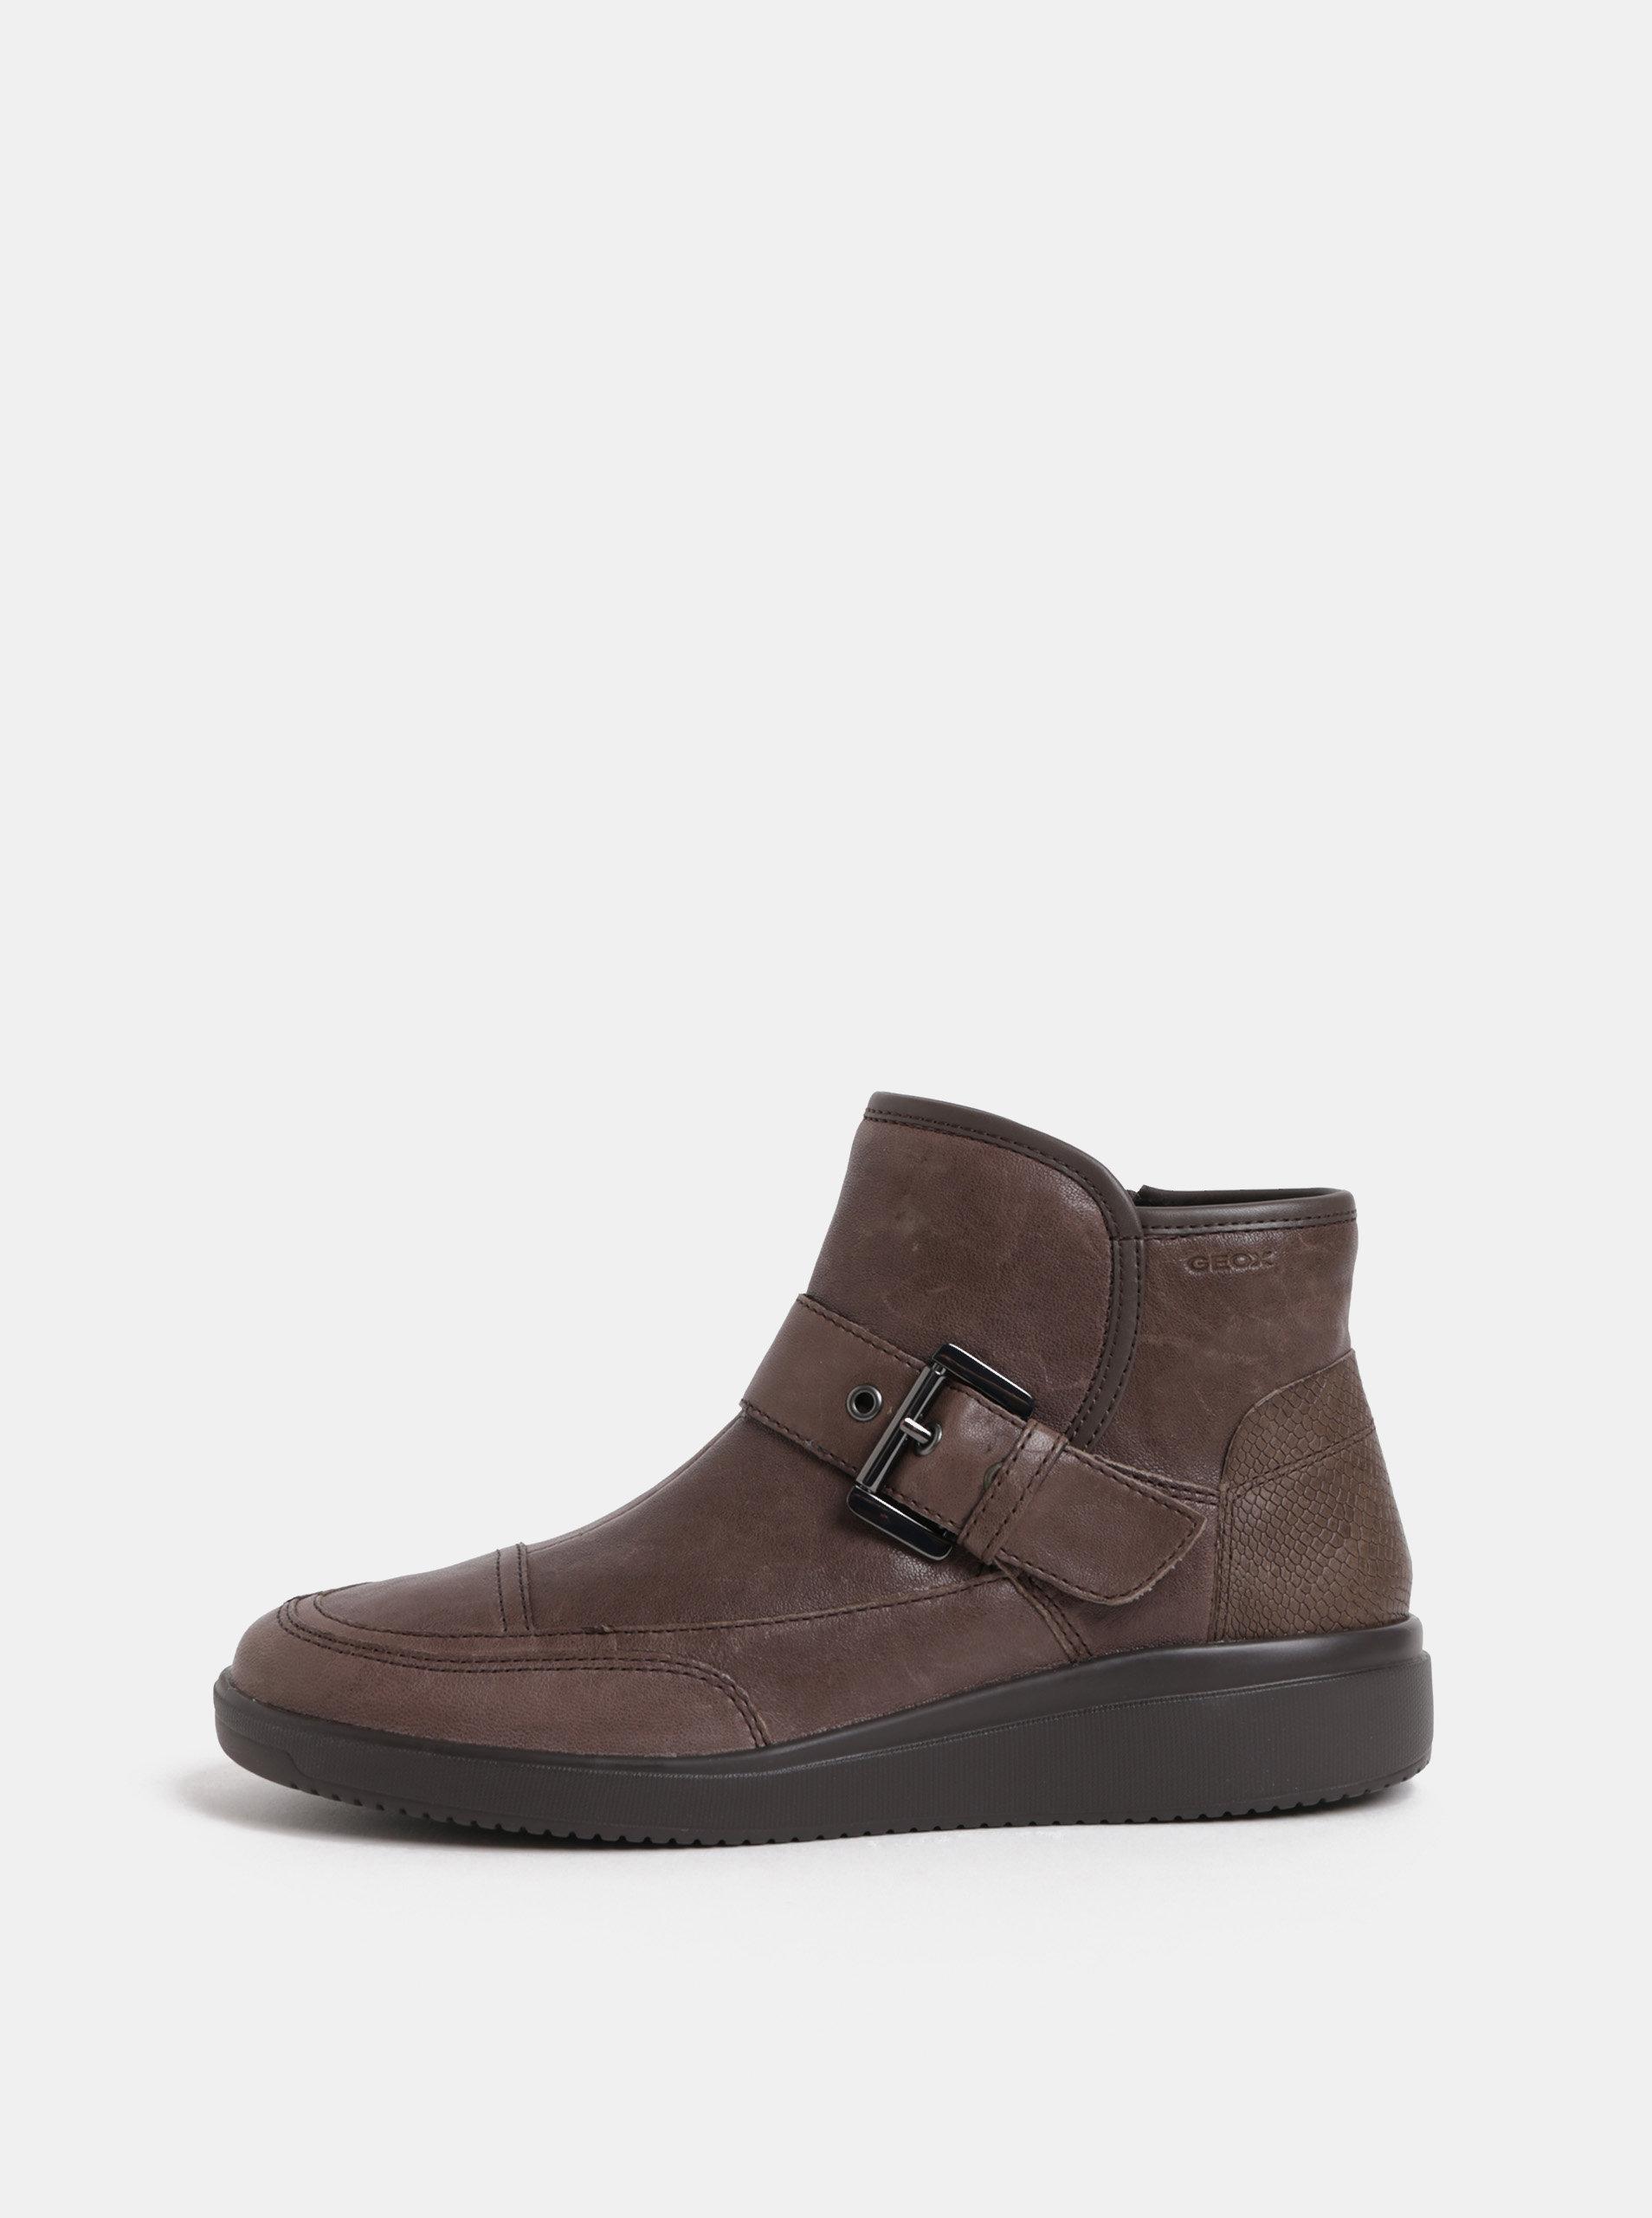 Hnedé dámske kožené členkové topánky s remienkom Geox Tahina ... 6ec05c4cb50